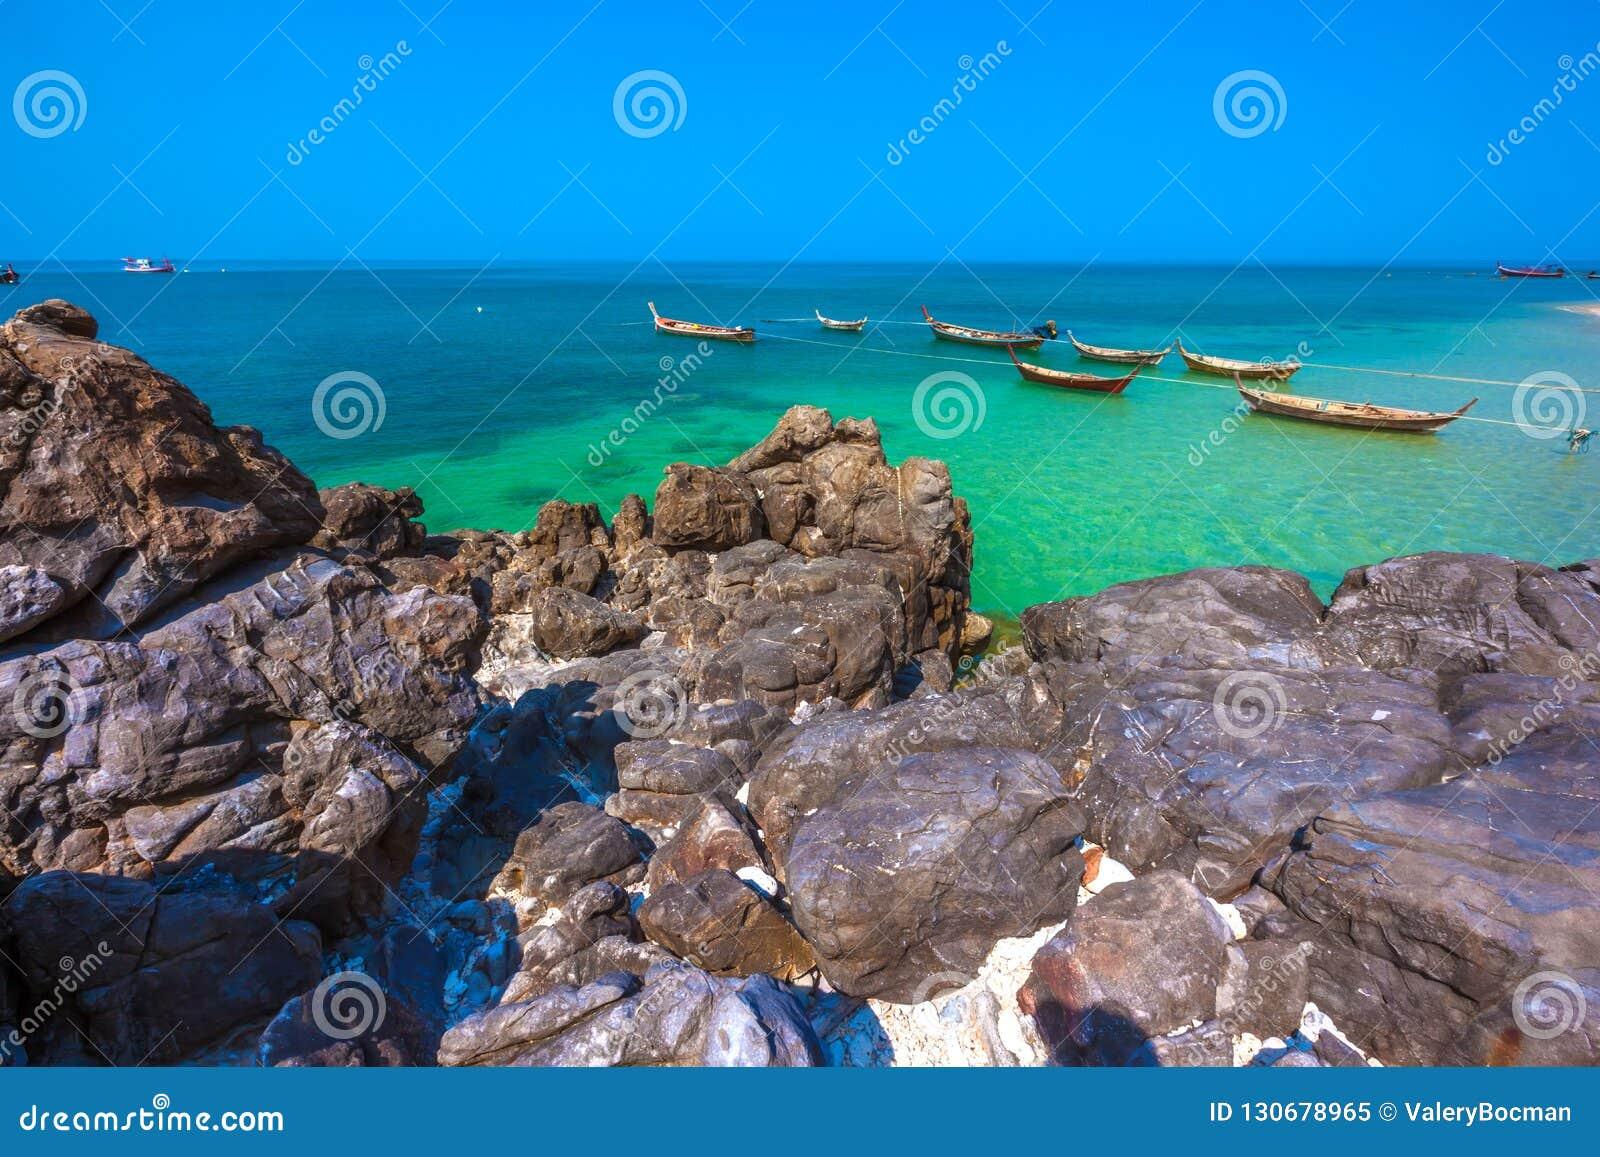 Koh Lanta island coast, Krabi, Thailand.